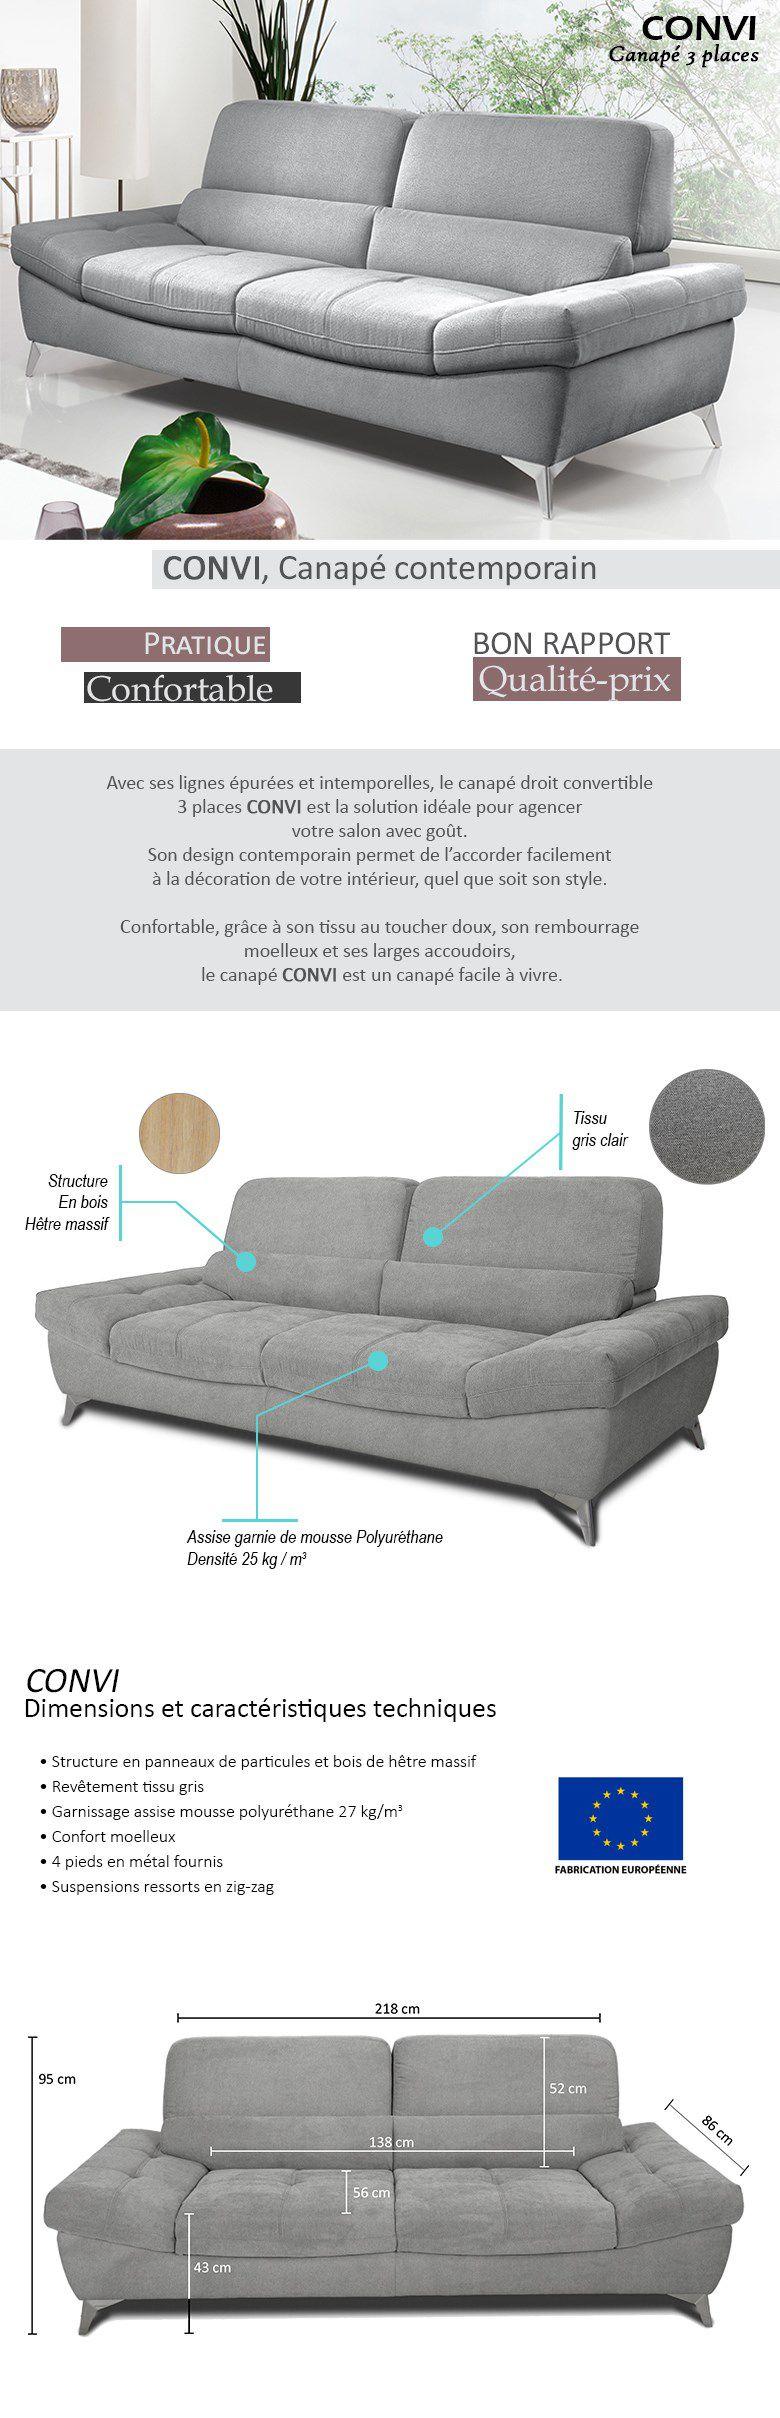 Canape Moelleux Places Relax Canap De Relaxation Droit Places Tis - Formation decorateur interieur avec canapé 3 places fixe tissu